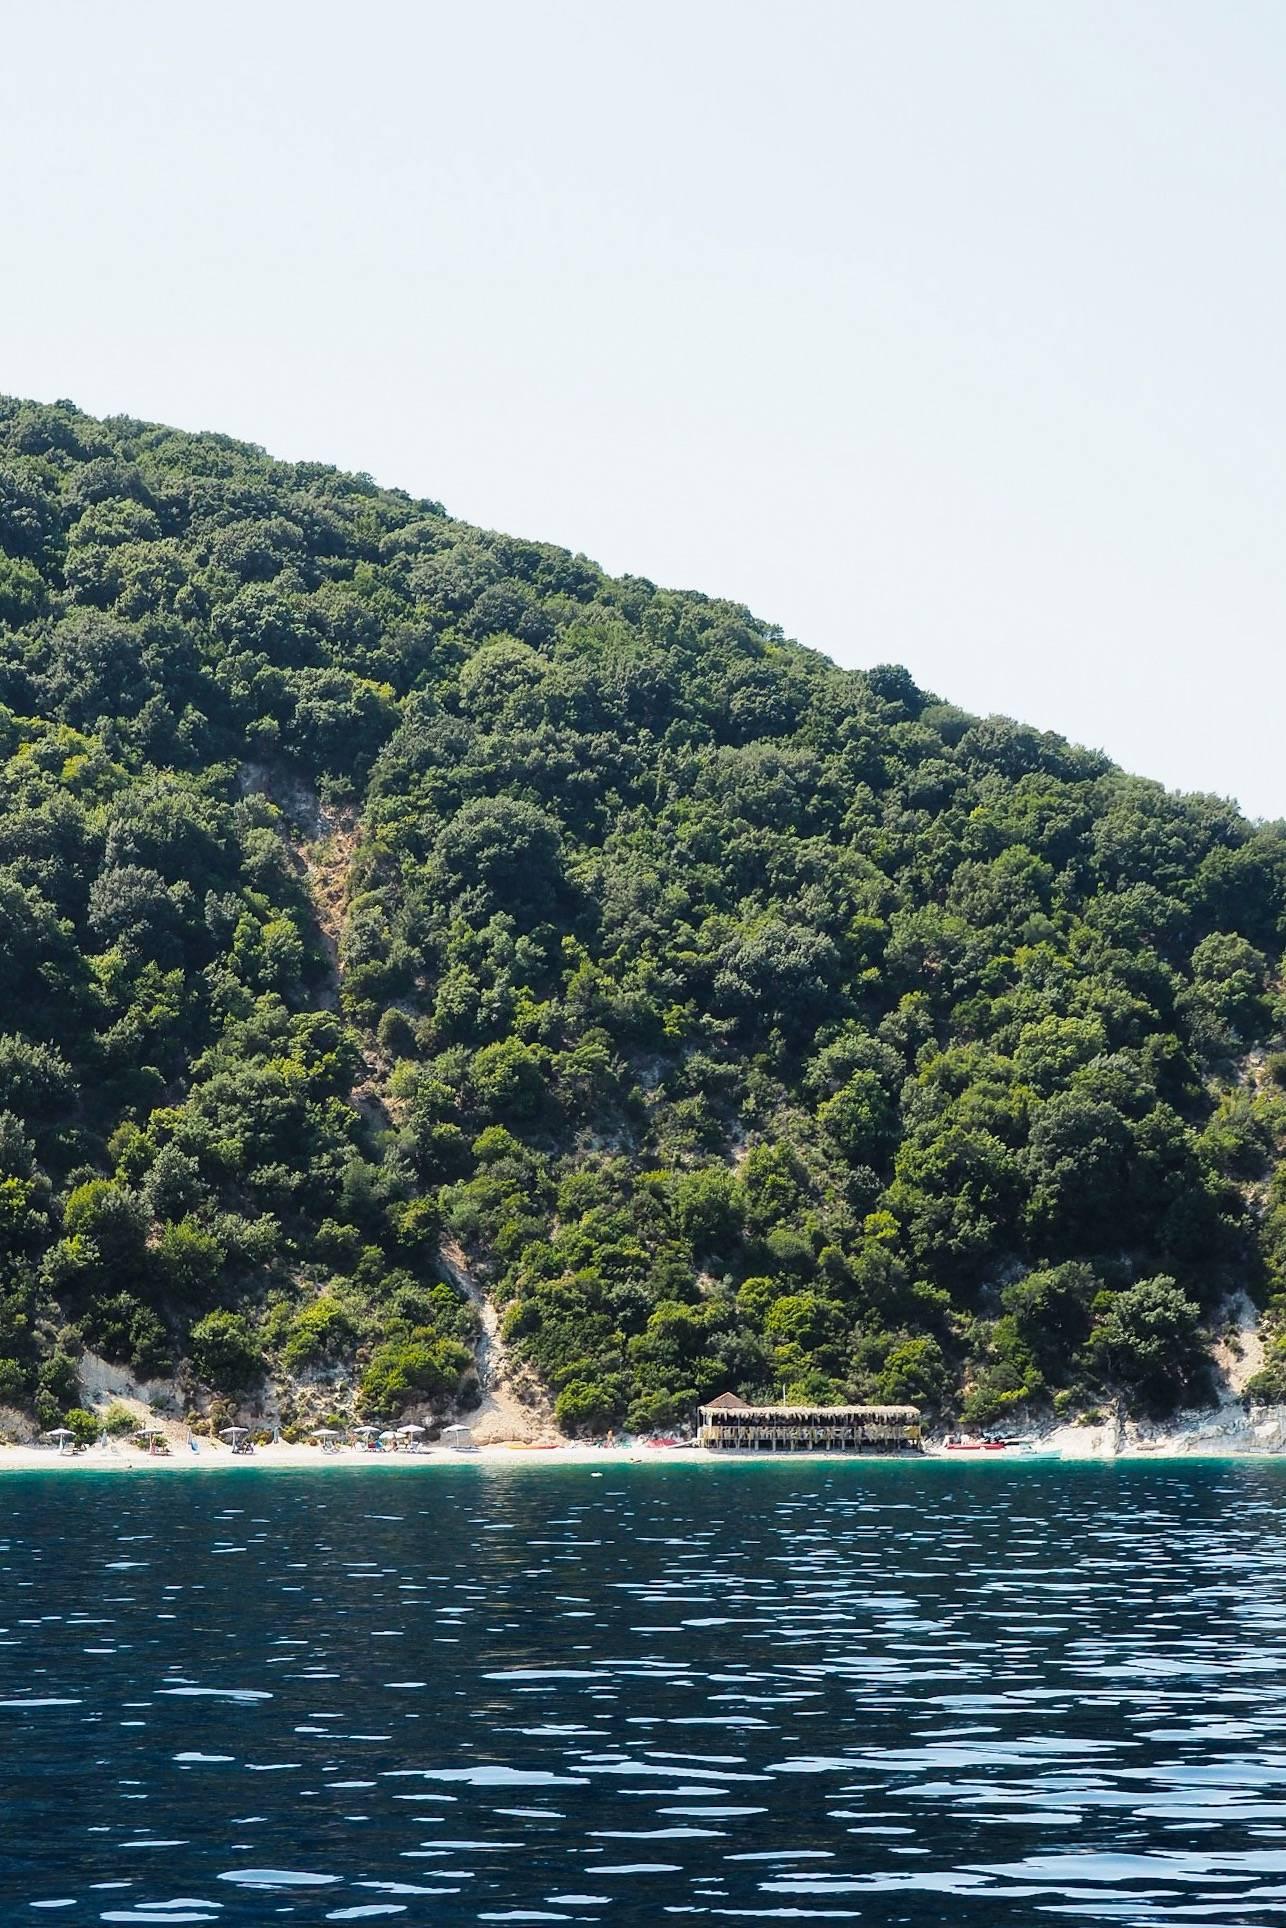 Sailrockbay